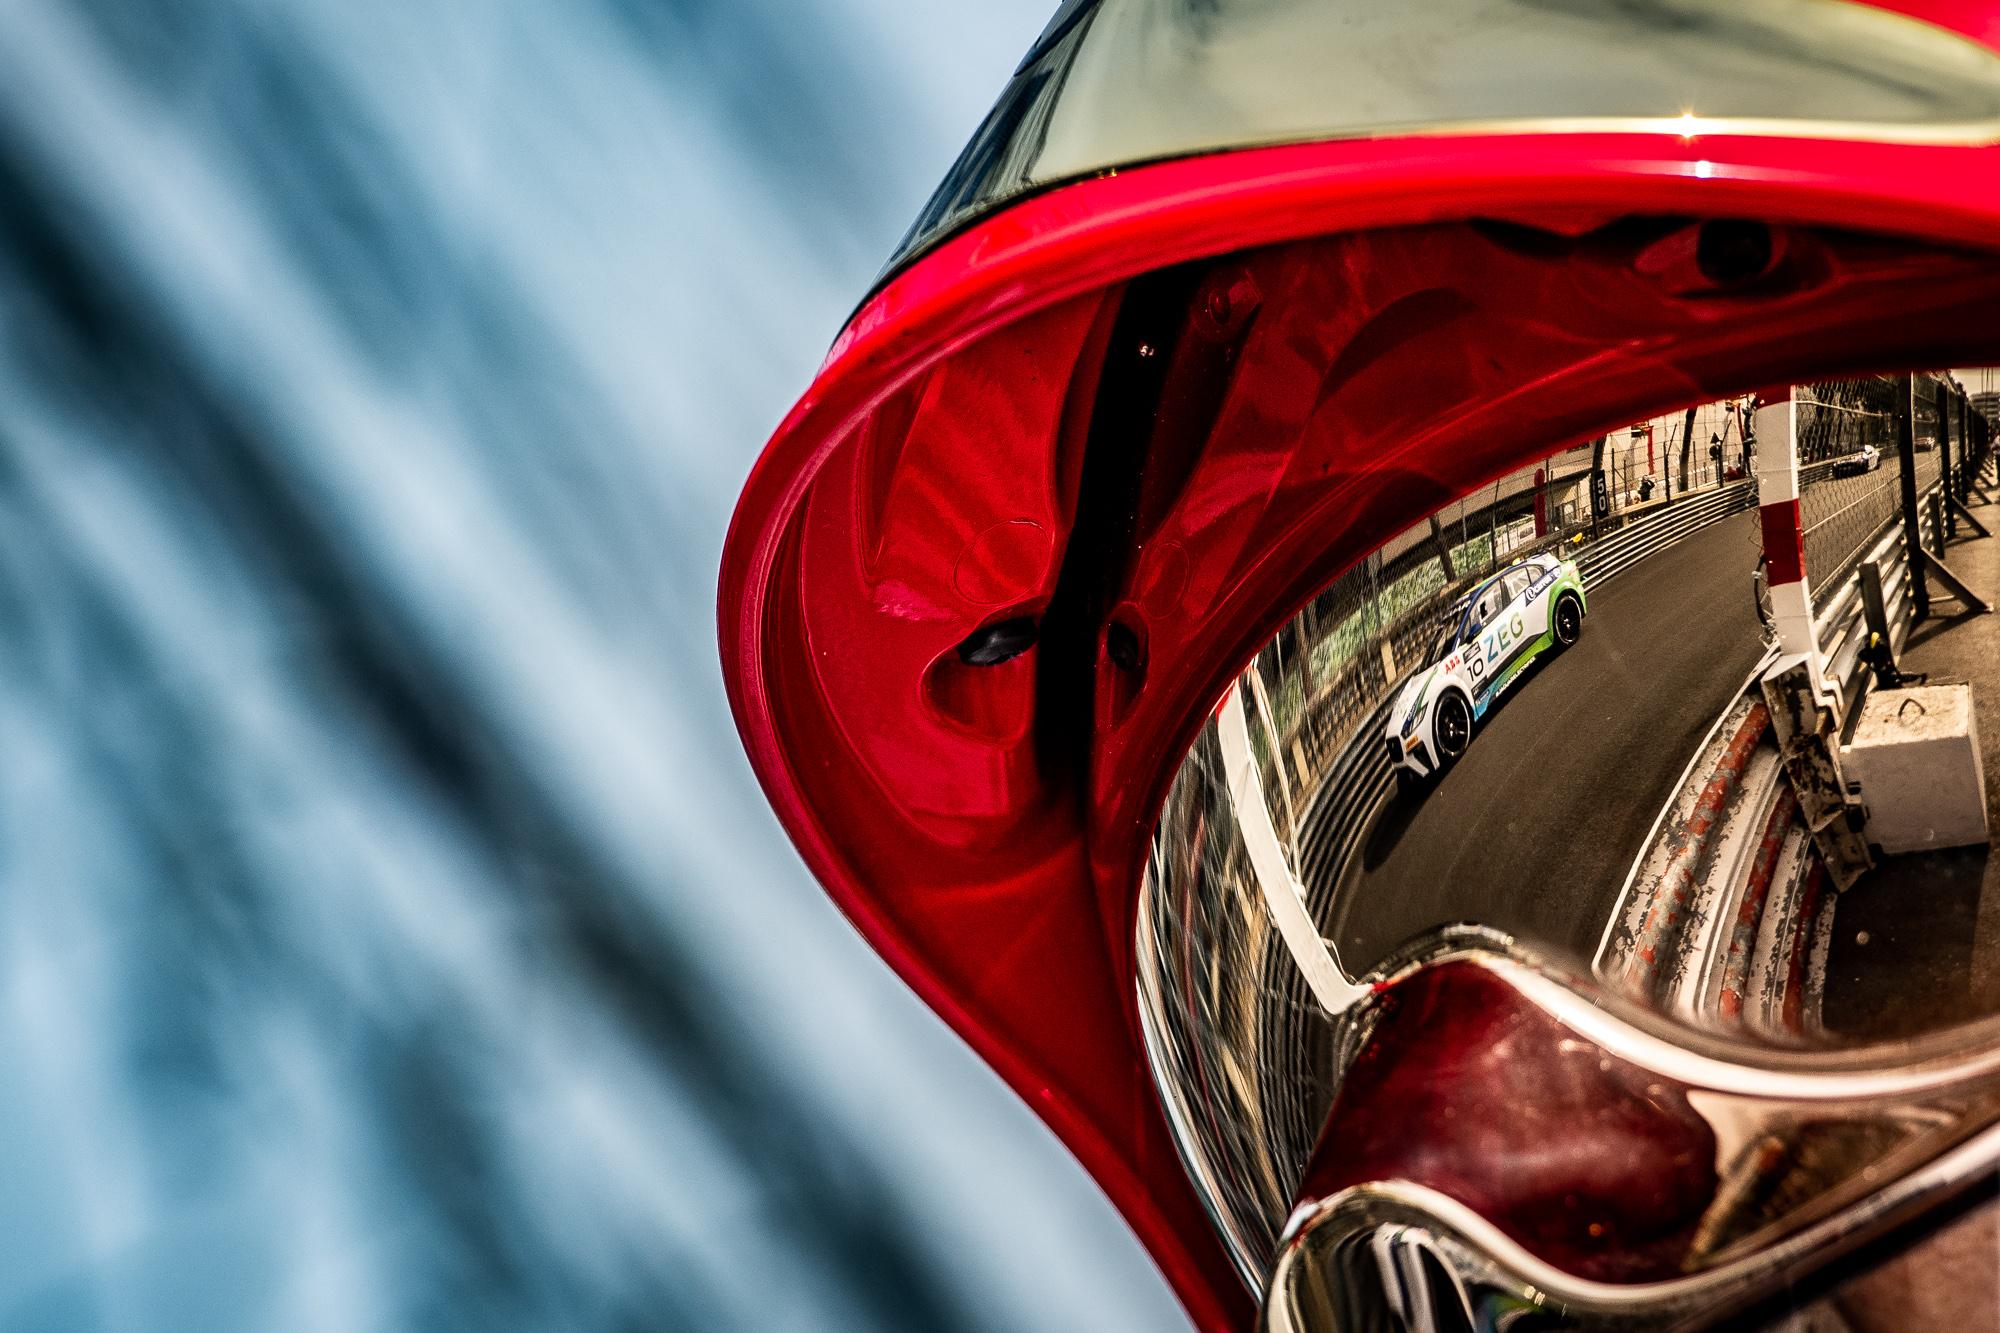 Jaguar_7.Monaco_josemariodias_02037-2